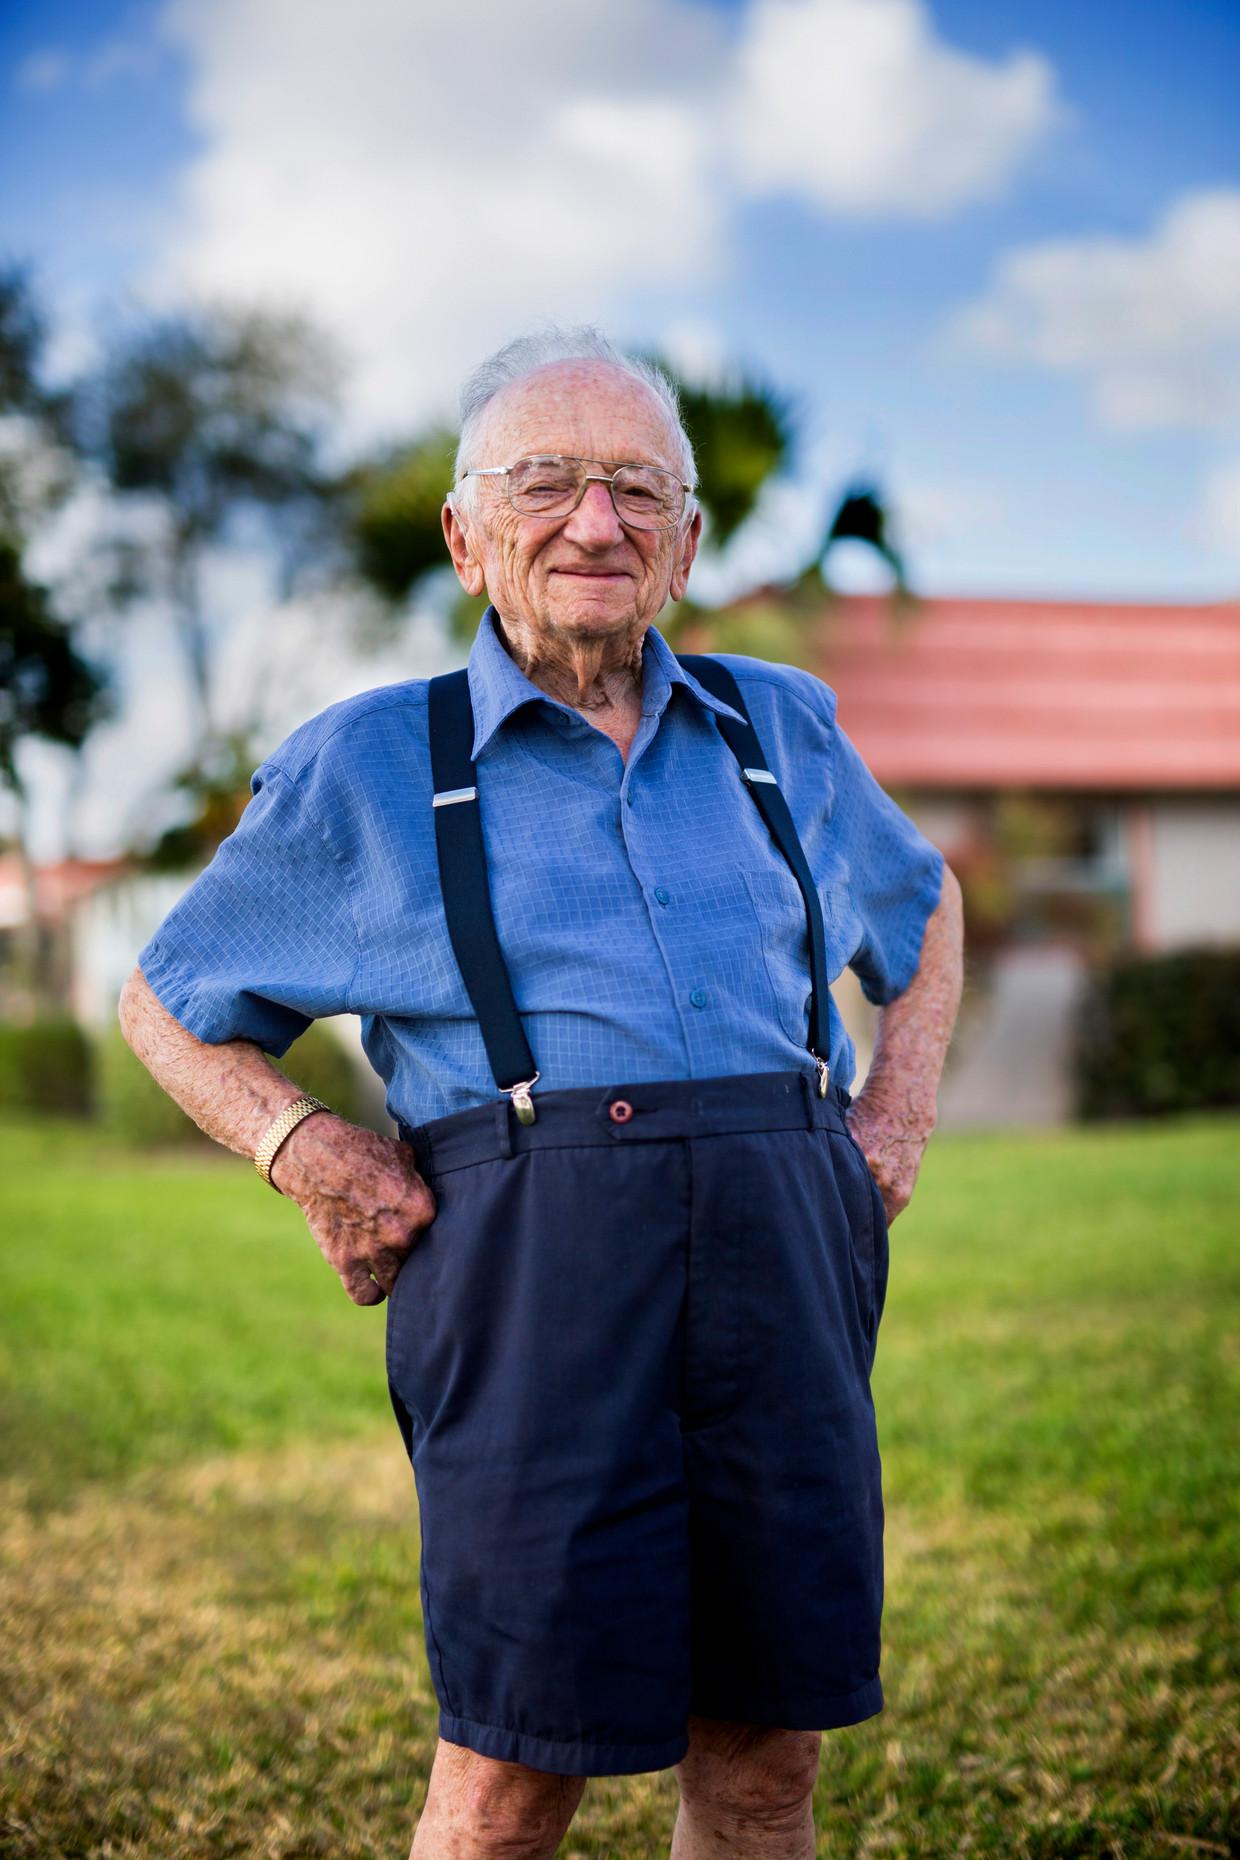 Ben Ferencz werkt nog altijd 365 dagen per jaar, 10 uur per dag, aan een rechtvaardige wereld. Beeld Getty Images